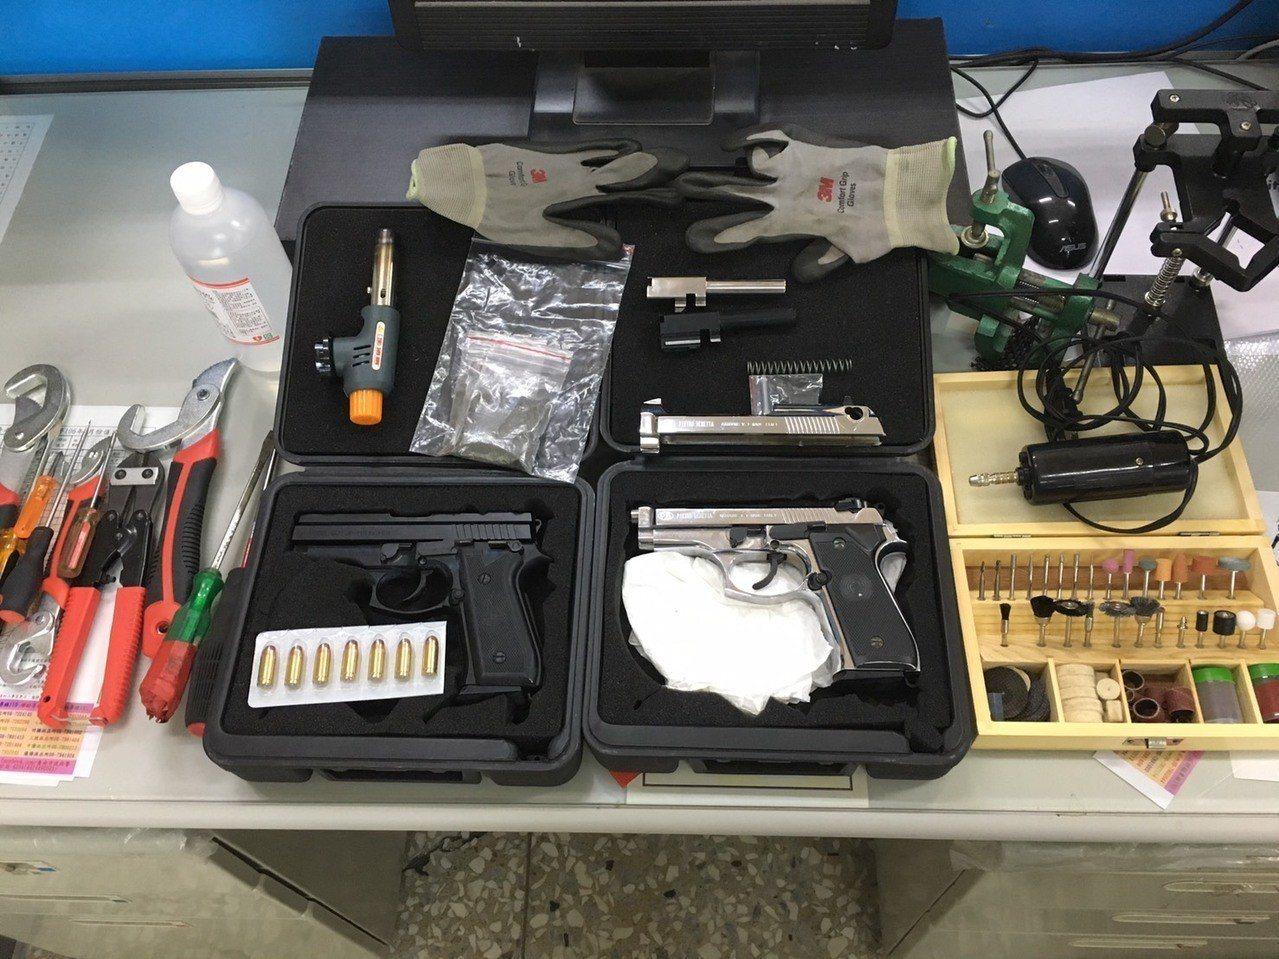 台南佳里警分局查獲許姓藥頭並起出改造槍彈等證物。記者吳淑玲/翻攝